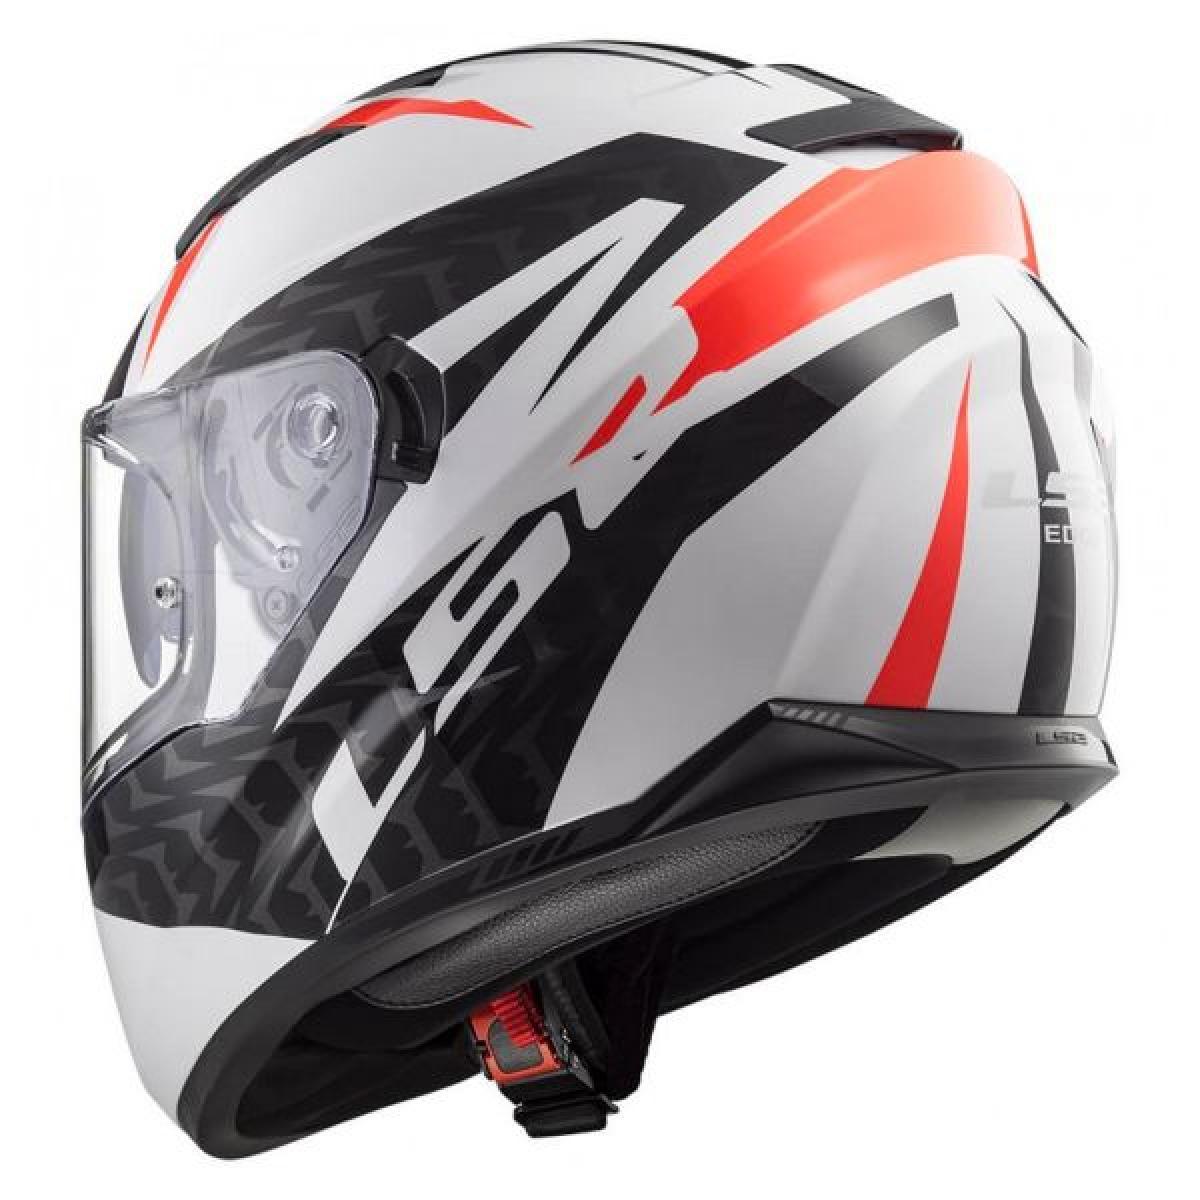 Casque Moto Integral Ls2 Ff320 Stream Evo Commander